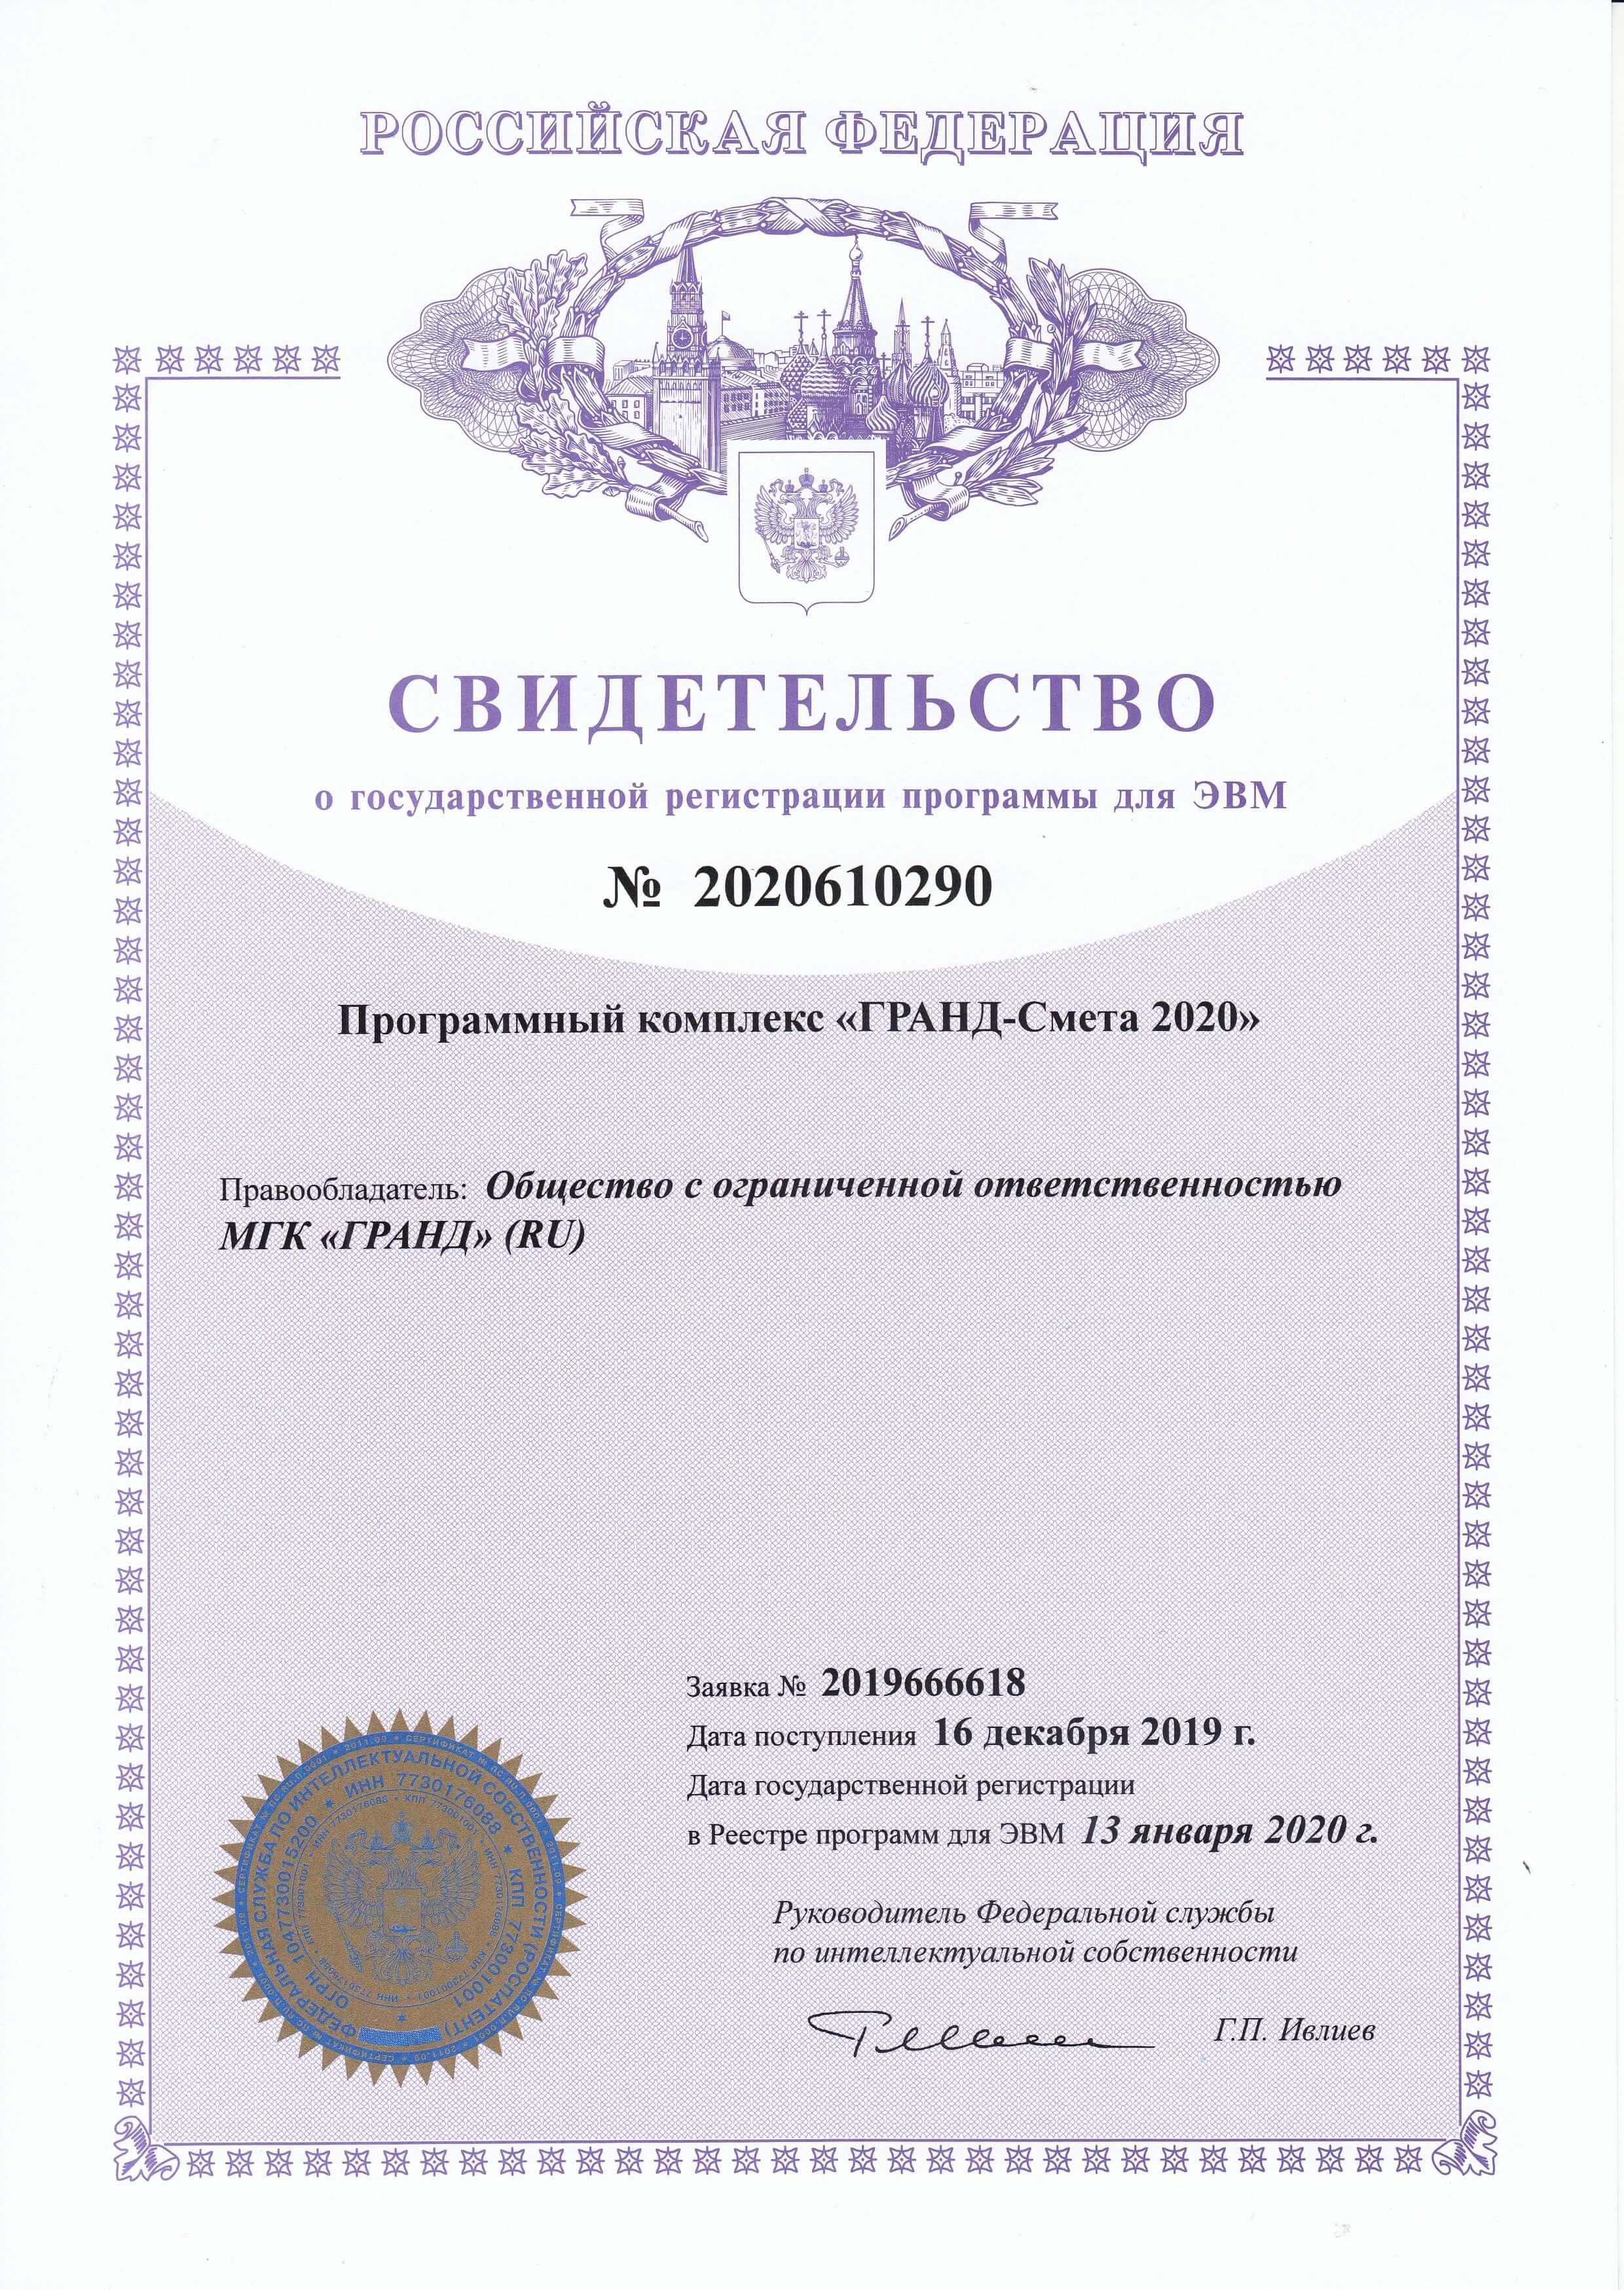 Программный комплекс «ГРАНД-Смета 2020»